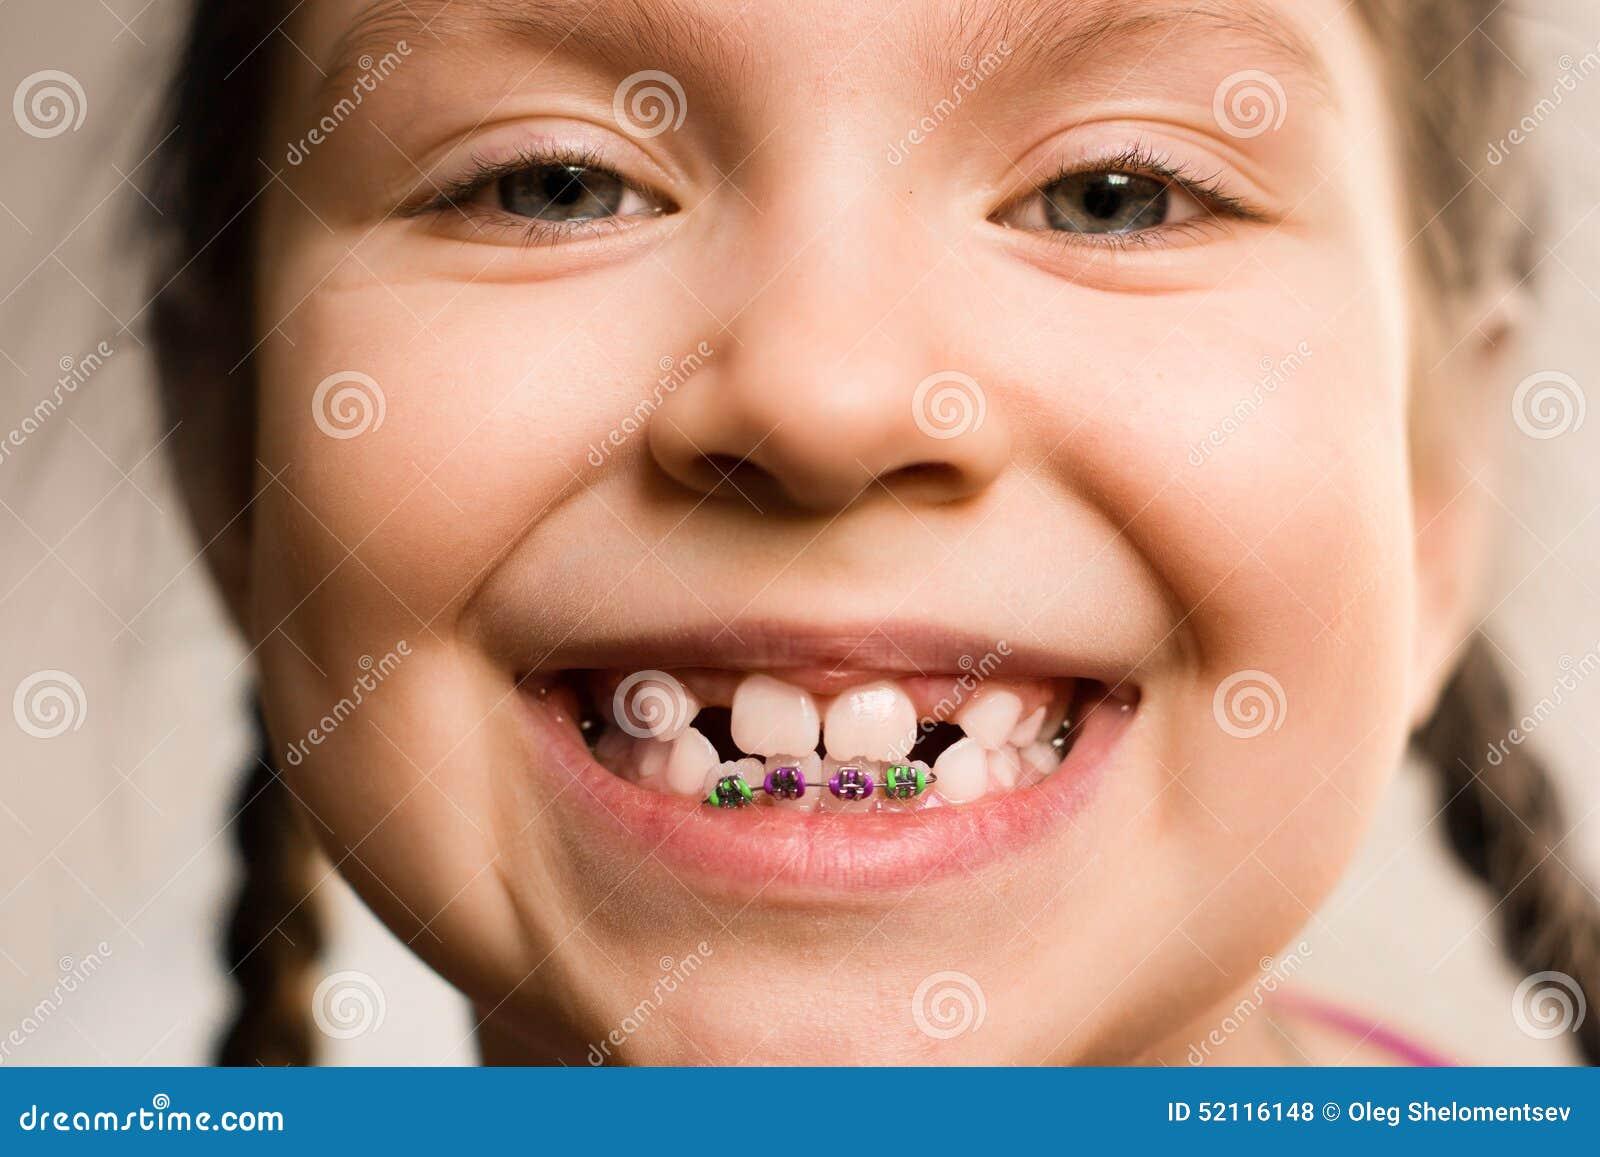 Fille Avec Des Bagues Dentaires Photo Stock Image 52116148